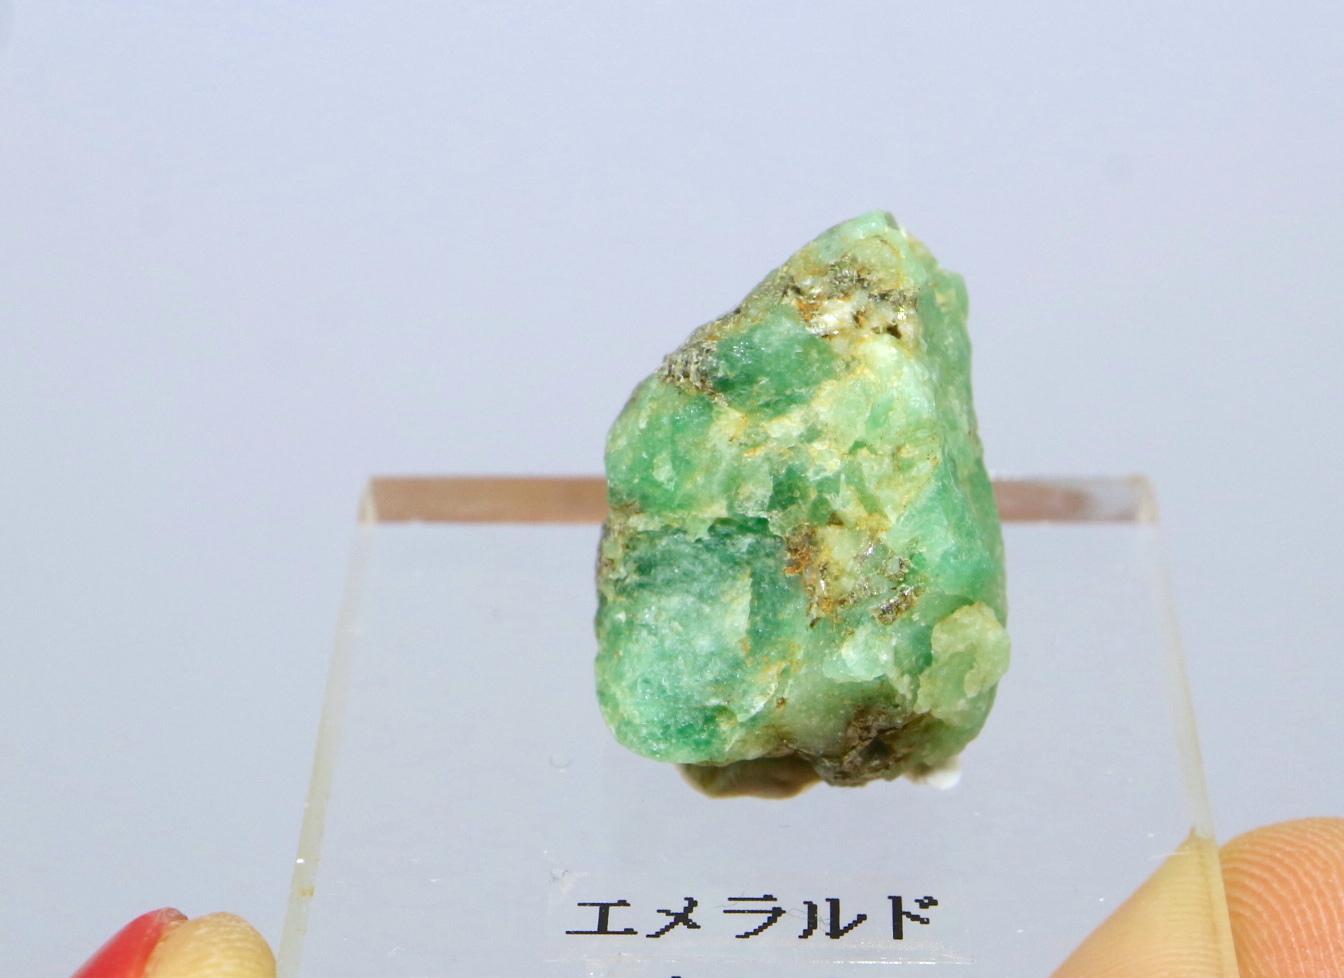 エメラルド 原石 標本 鉱物 3,5g ED038 ベリル 緑柱石 パワーストーン